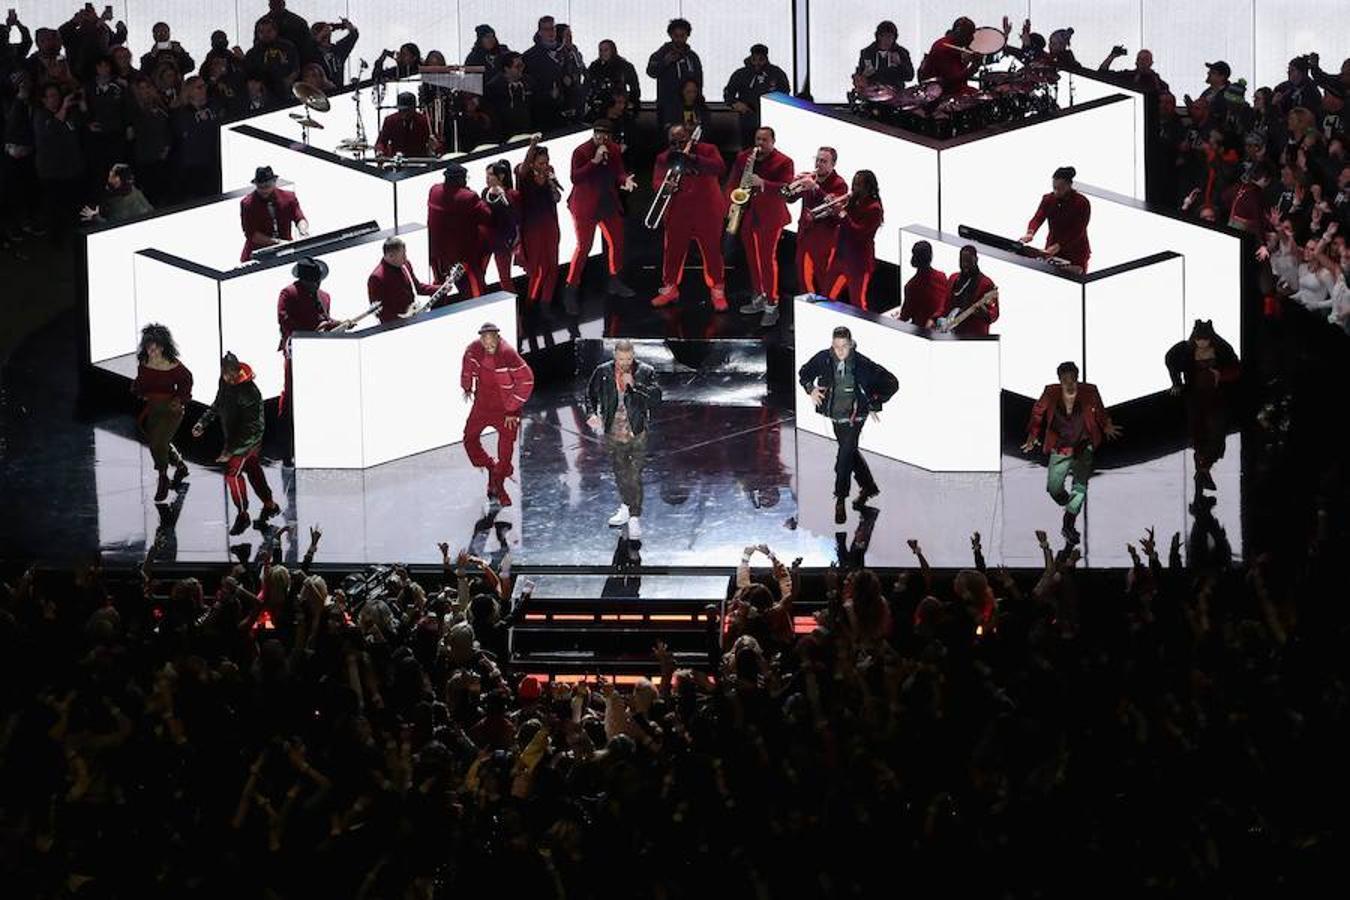 En algo menos de diez minutos, el cantante estadounidense puso todos sus «hits» en el asador para asegurar una actuación animada, bailable e, incluso, cantable